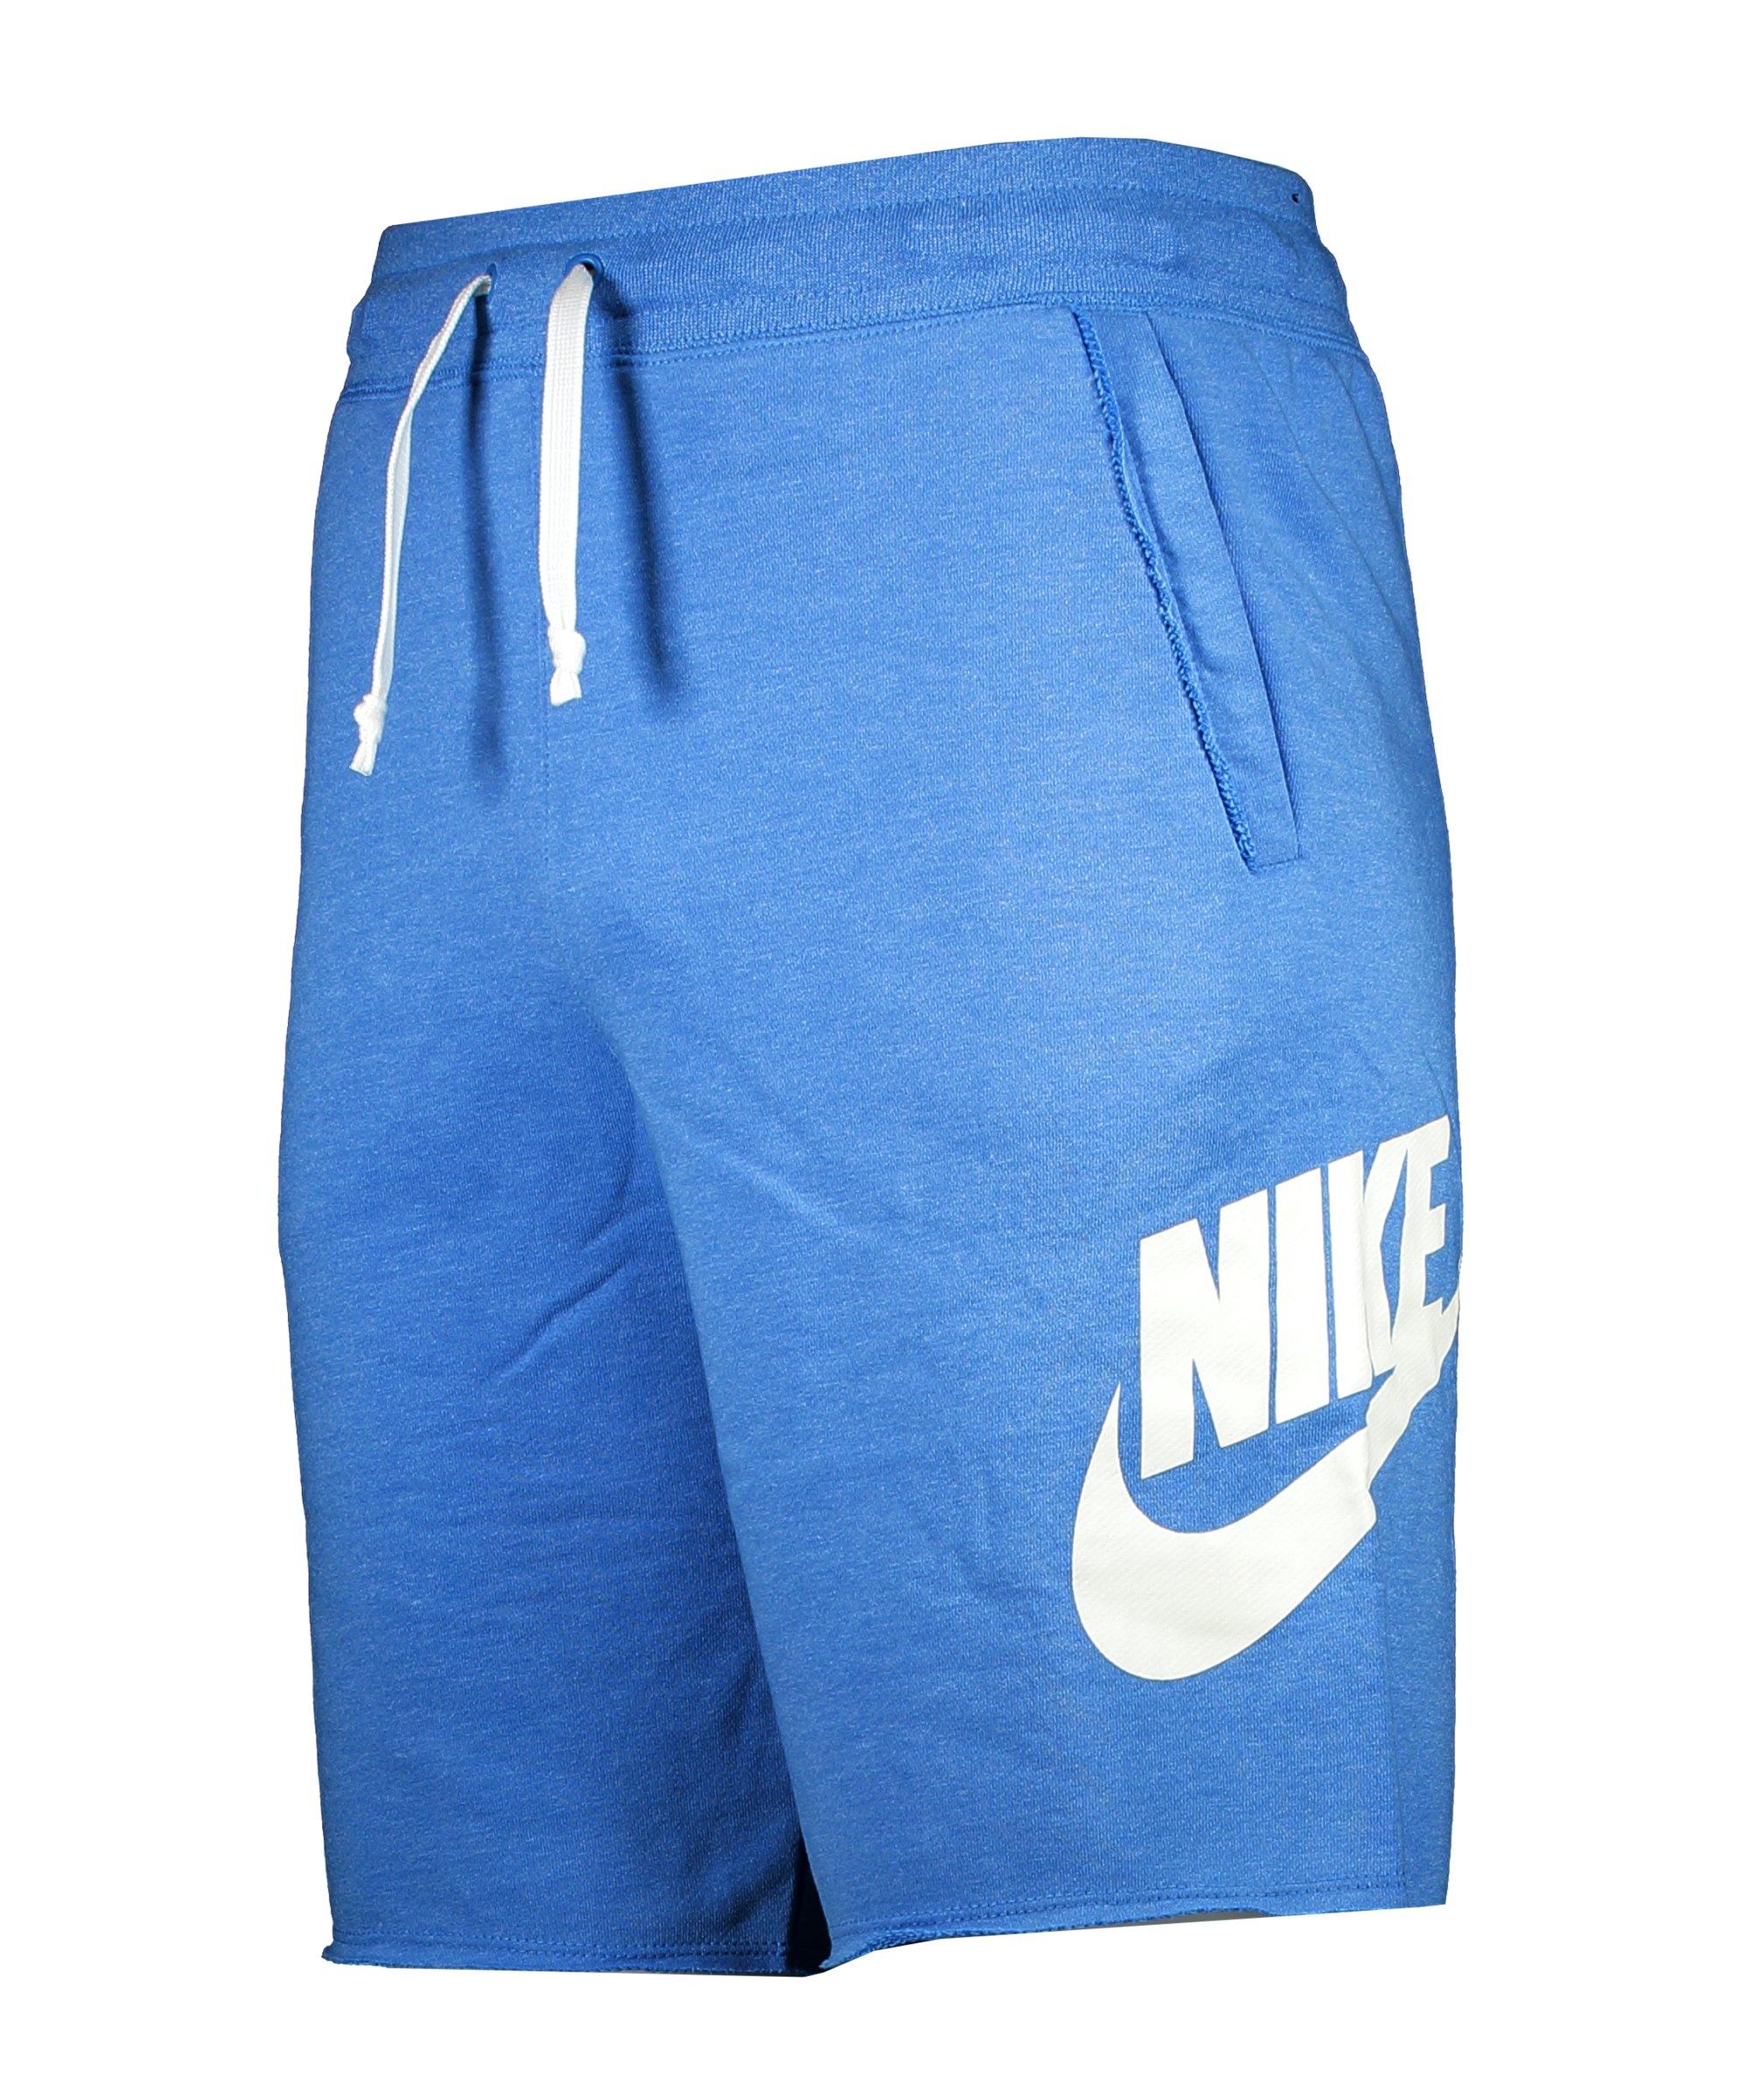 Nike Sportswear Alumni Short Blau Weiss F462 - blau